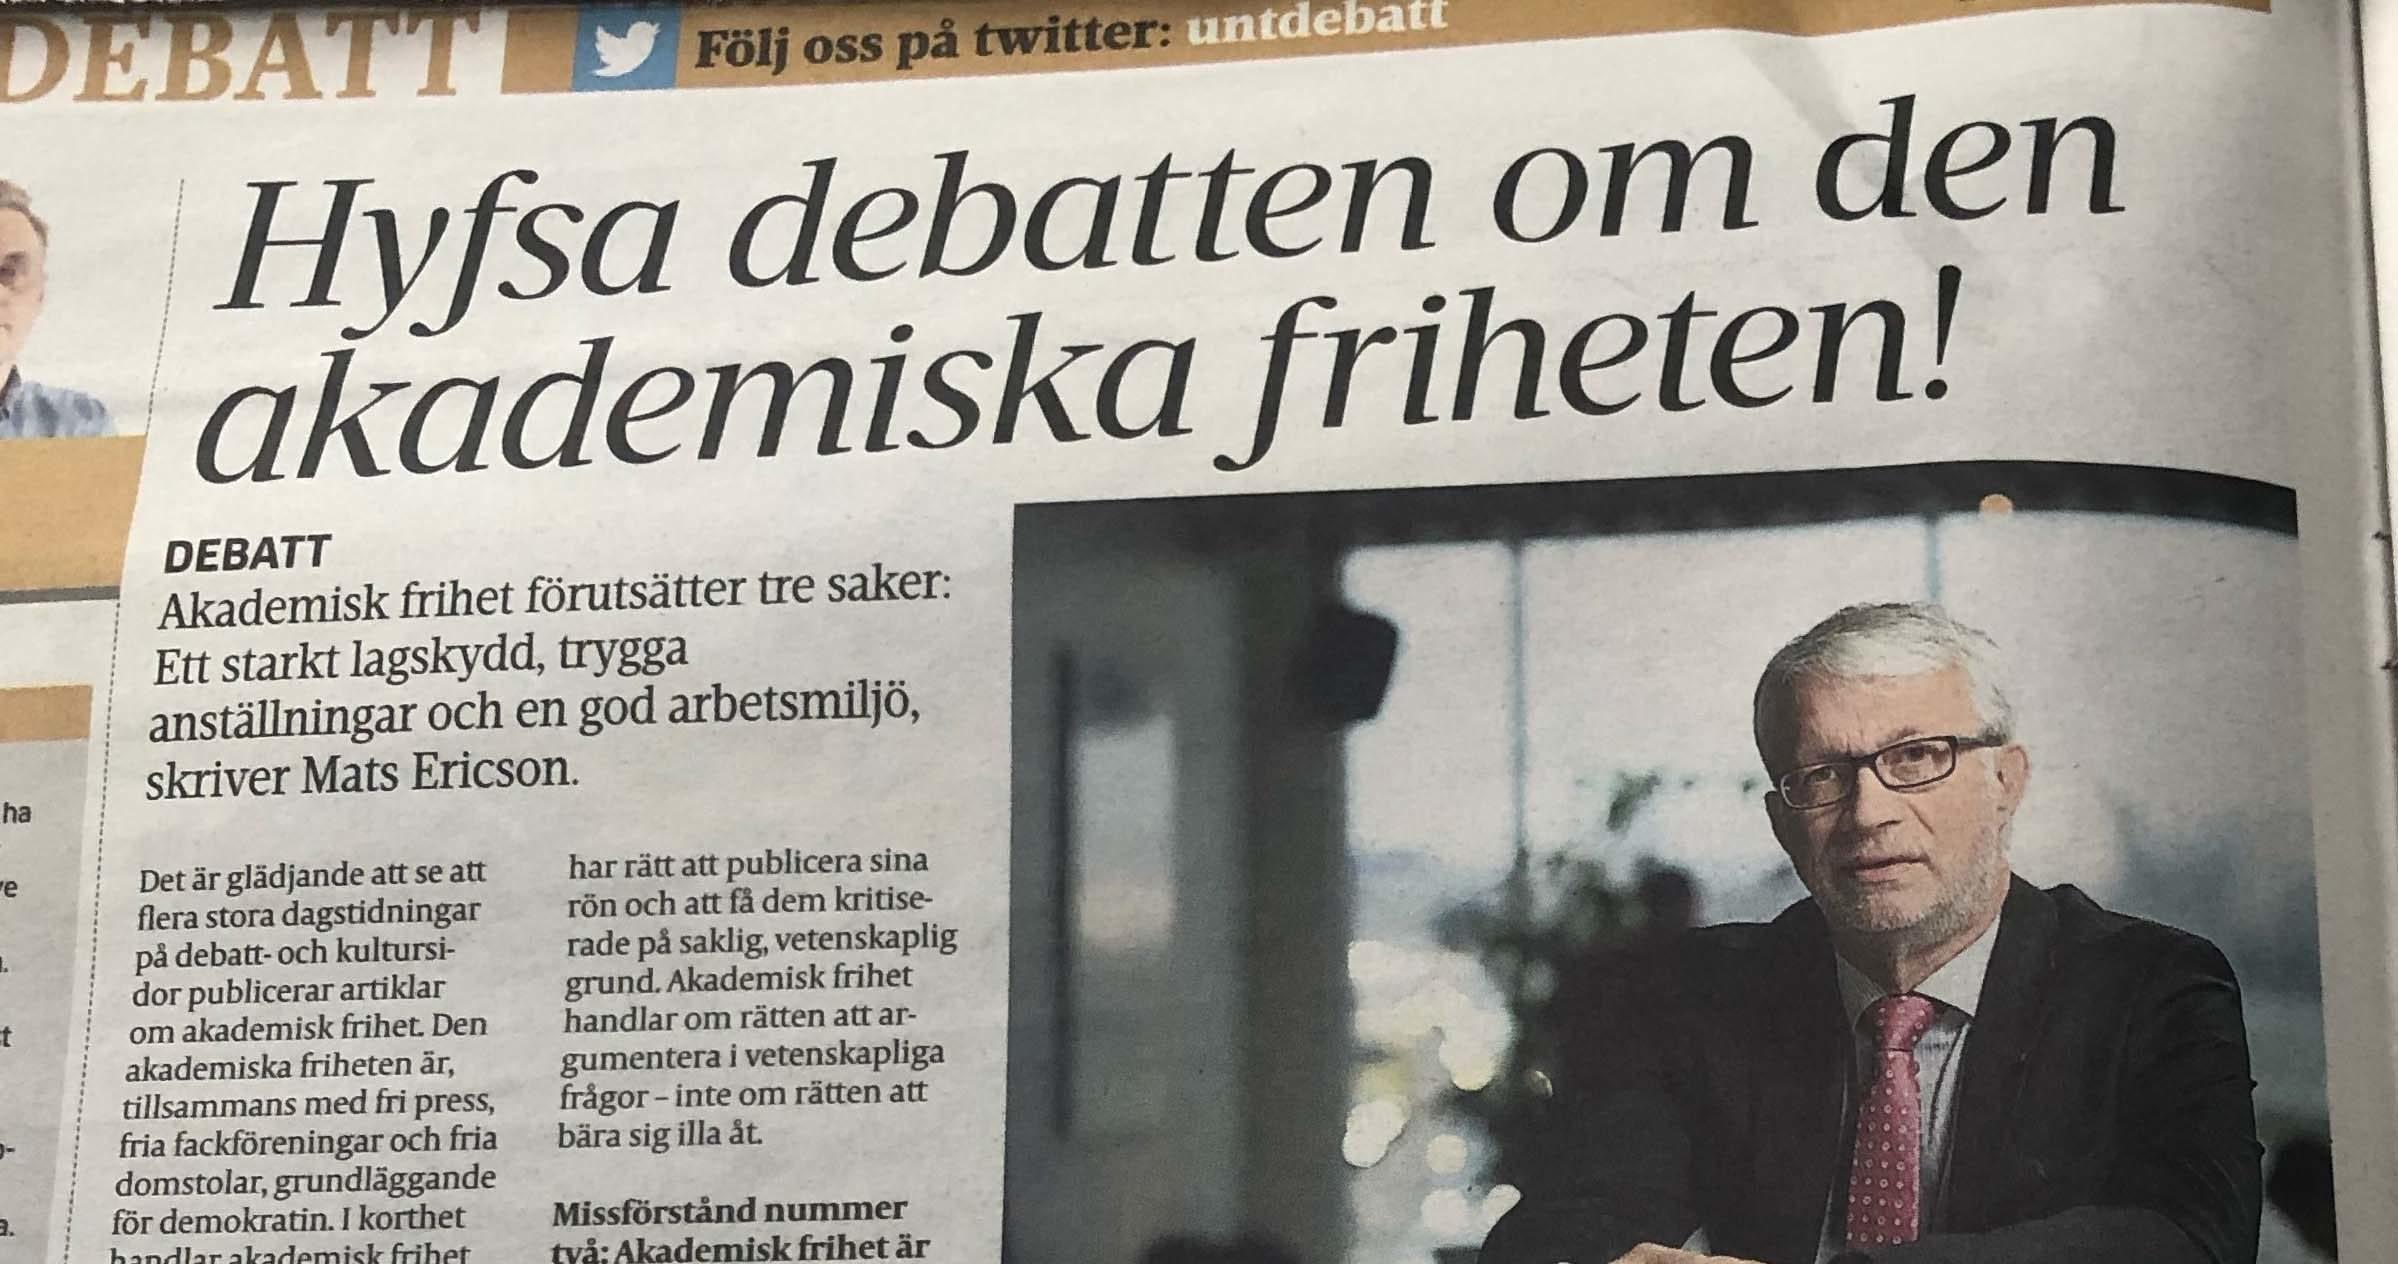 Faksimil från debattartikeln i Upsala Nya Tidning